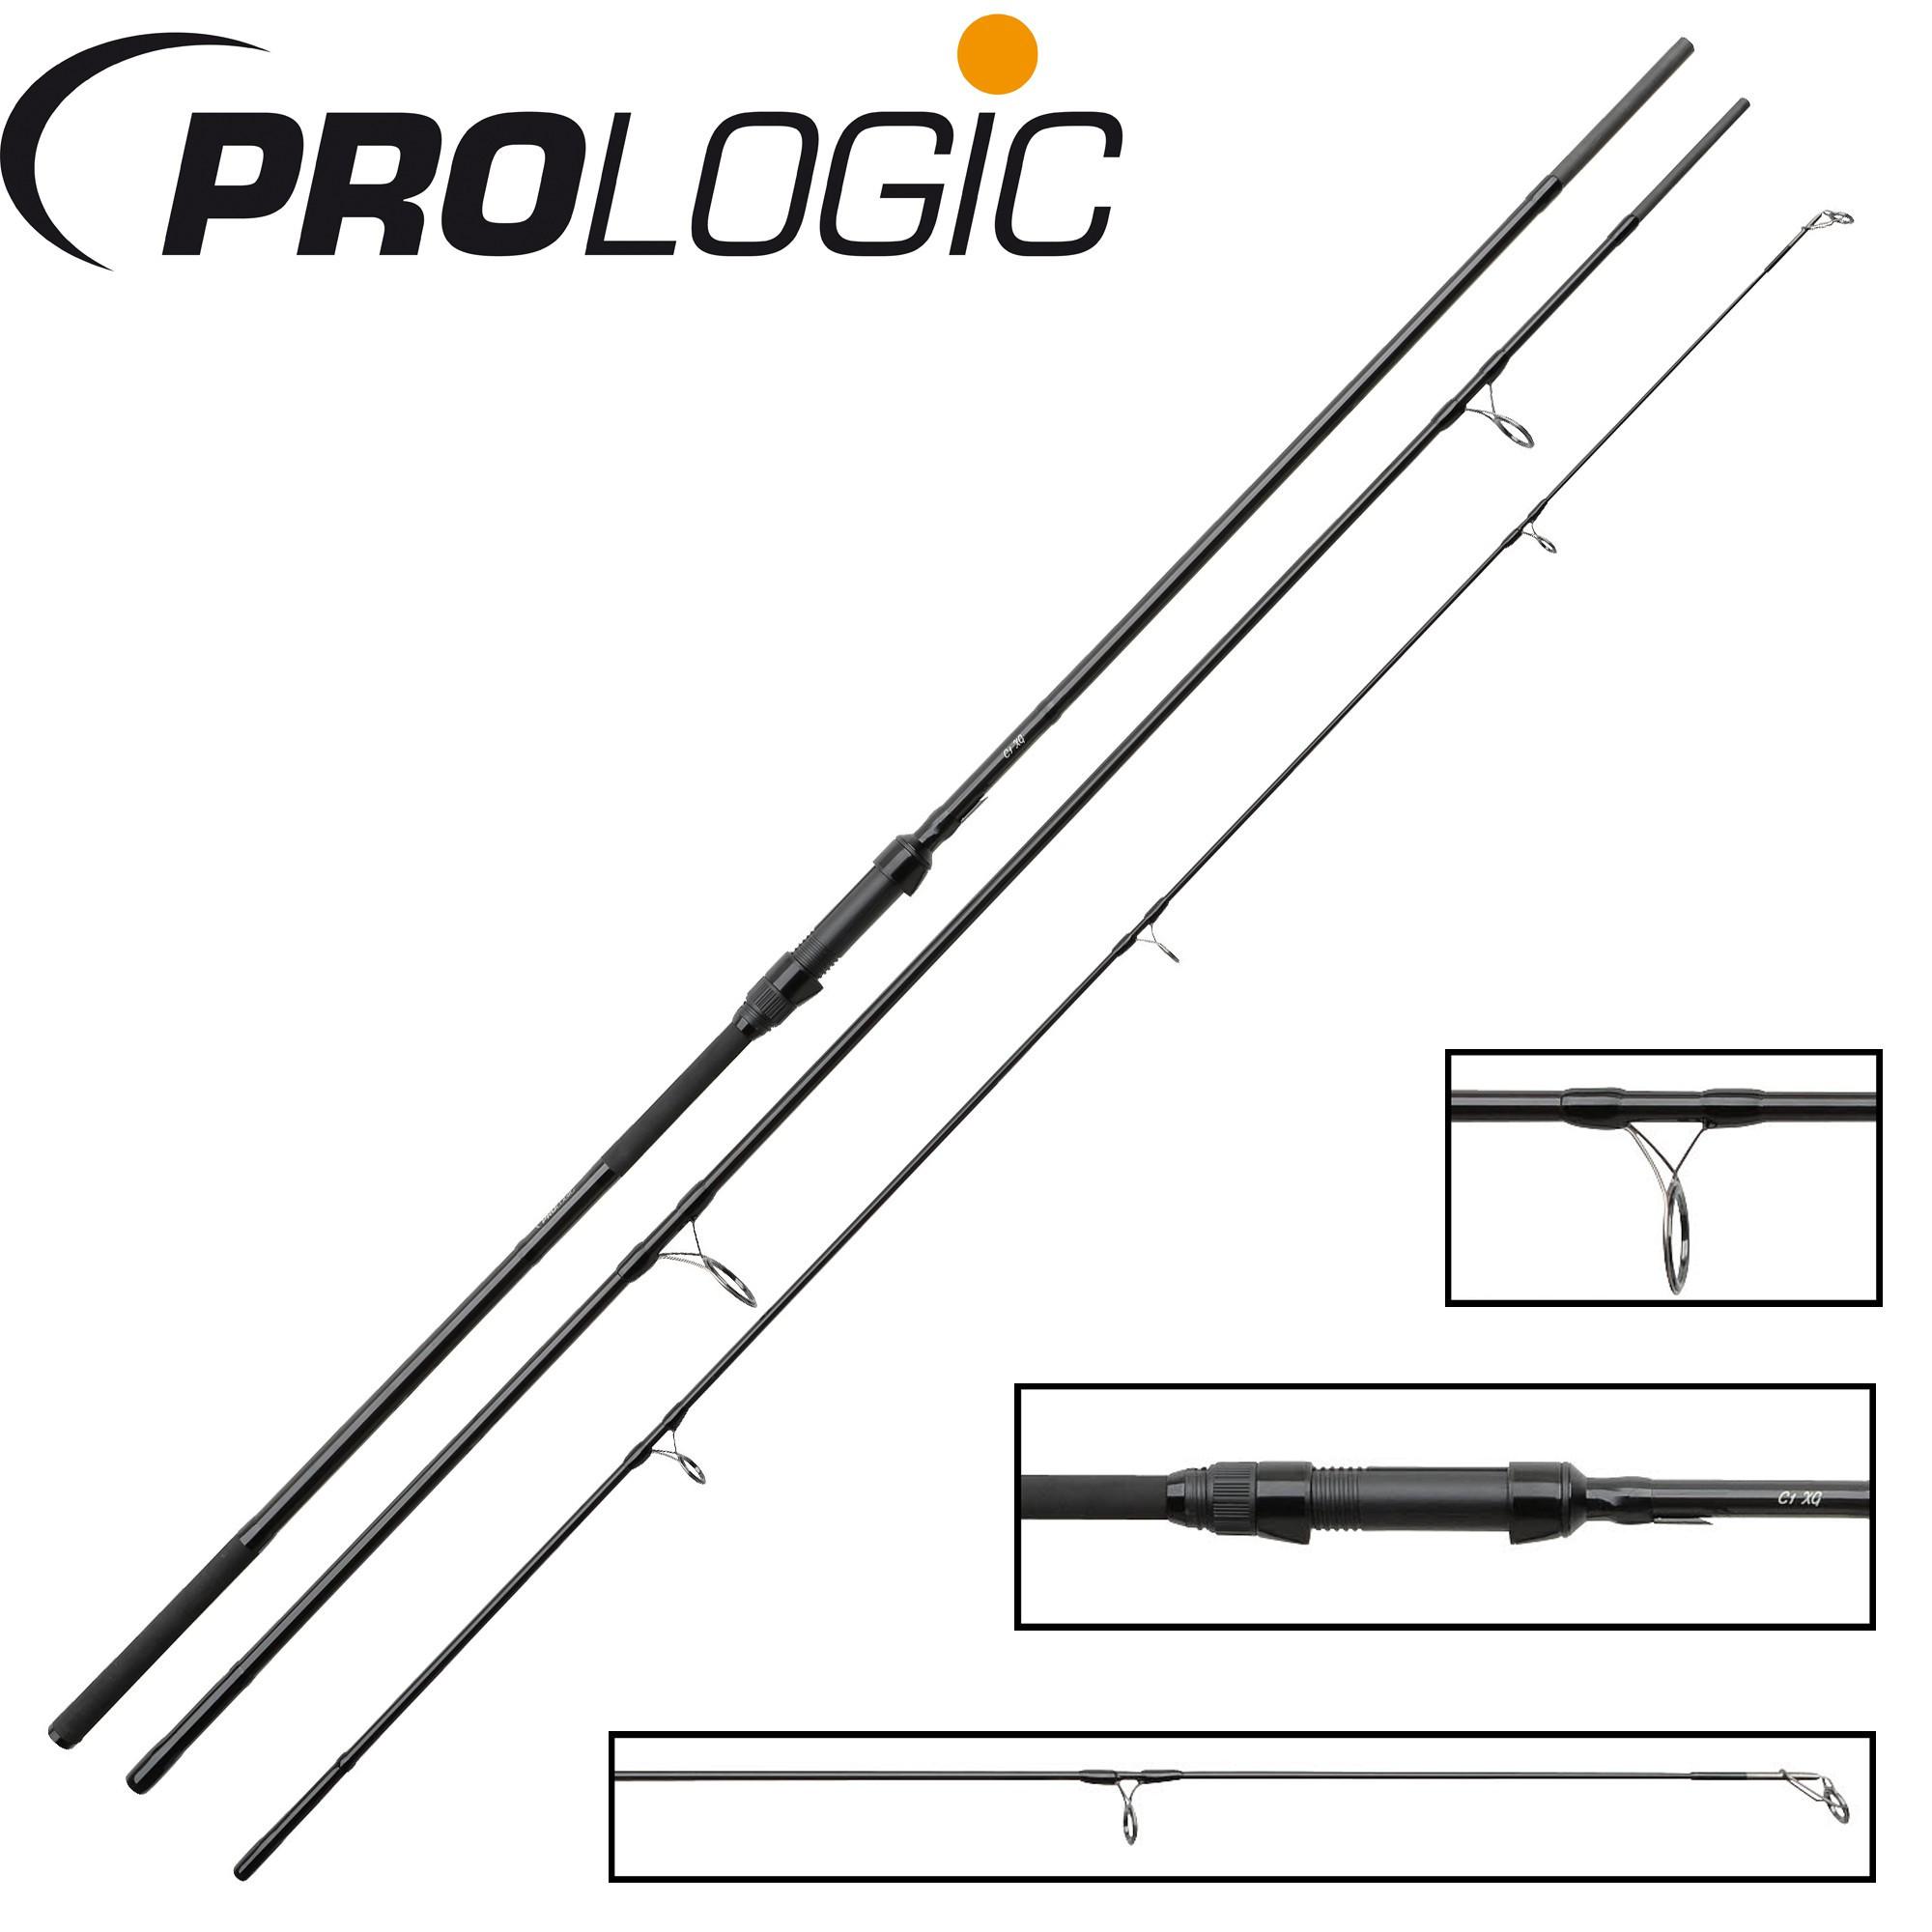 Palica Prologic C1 XG 3,6m 3,5lb 3del